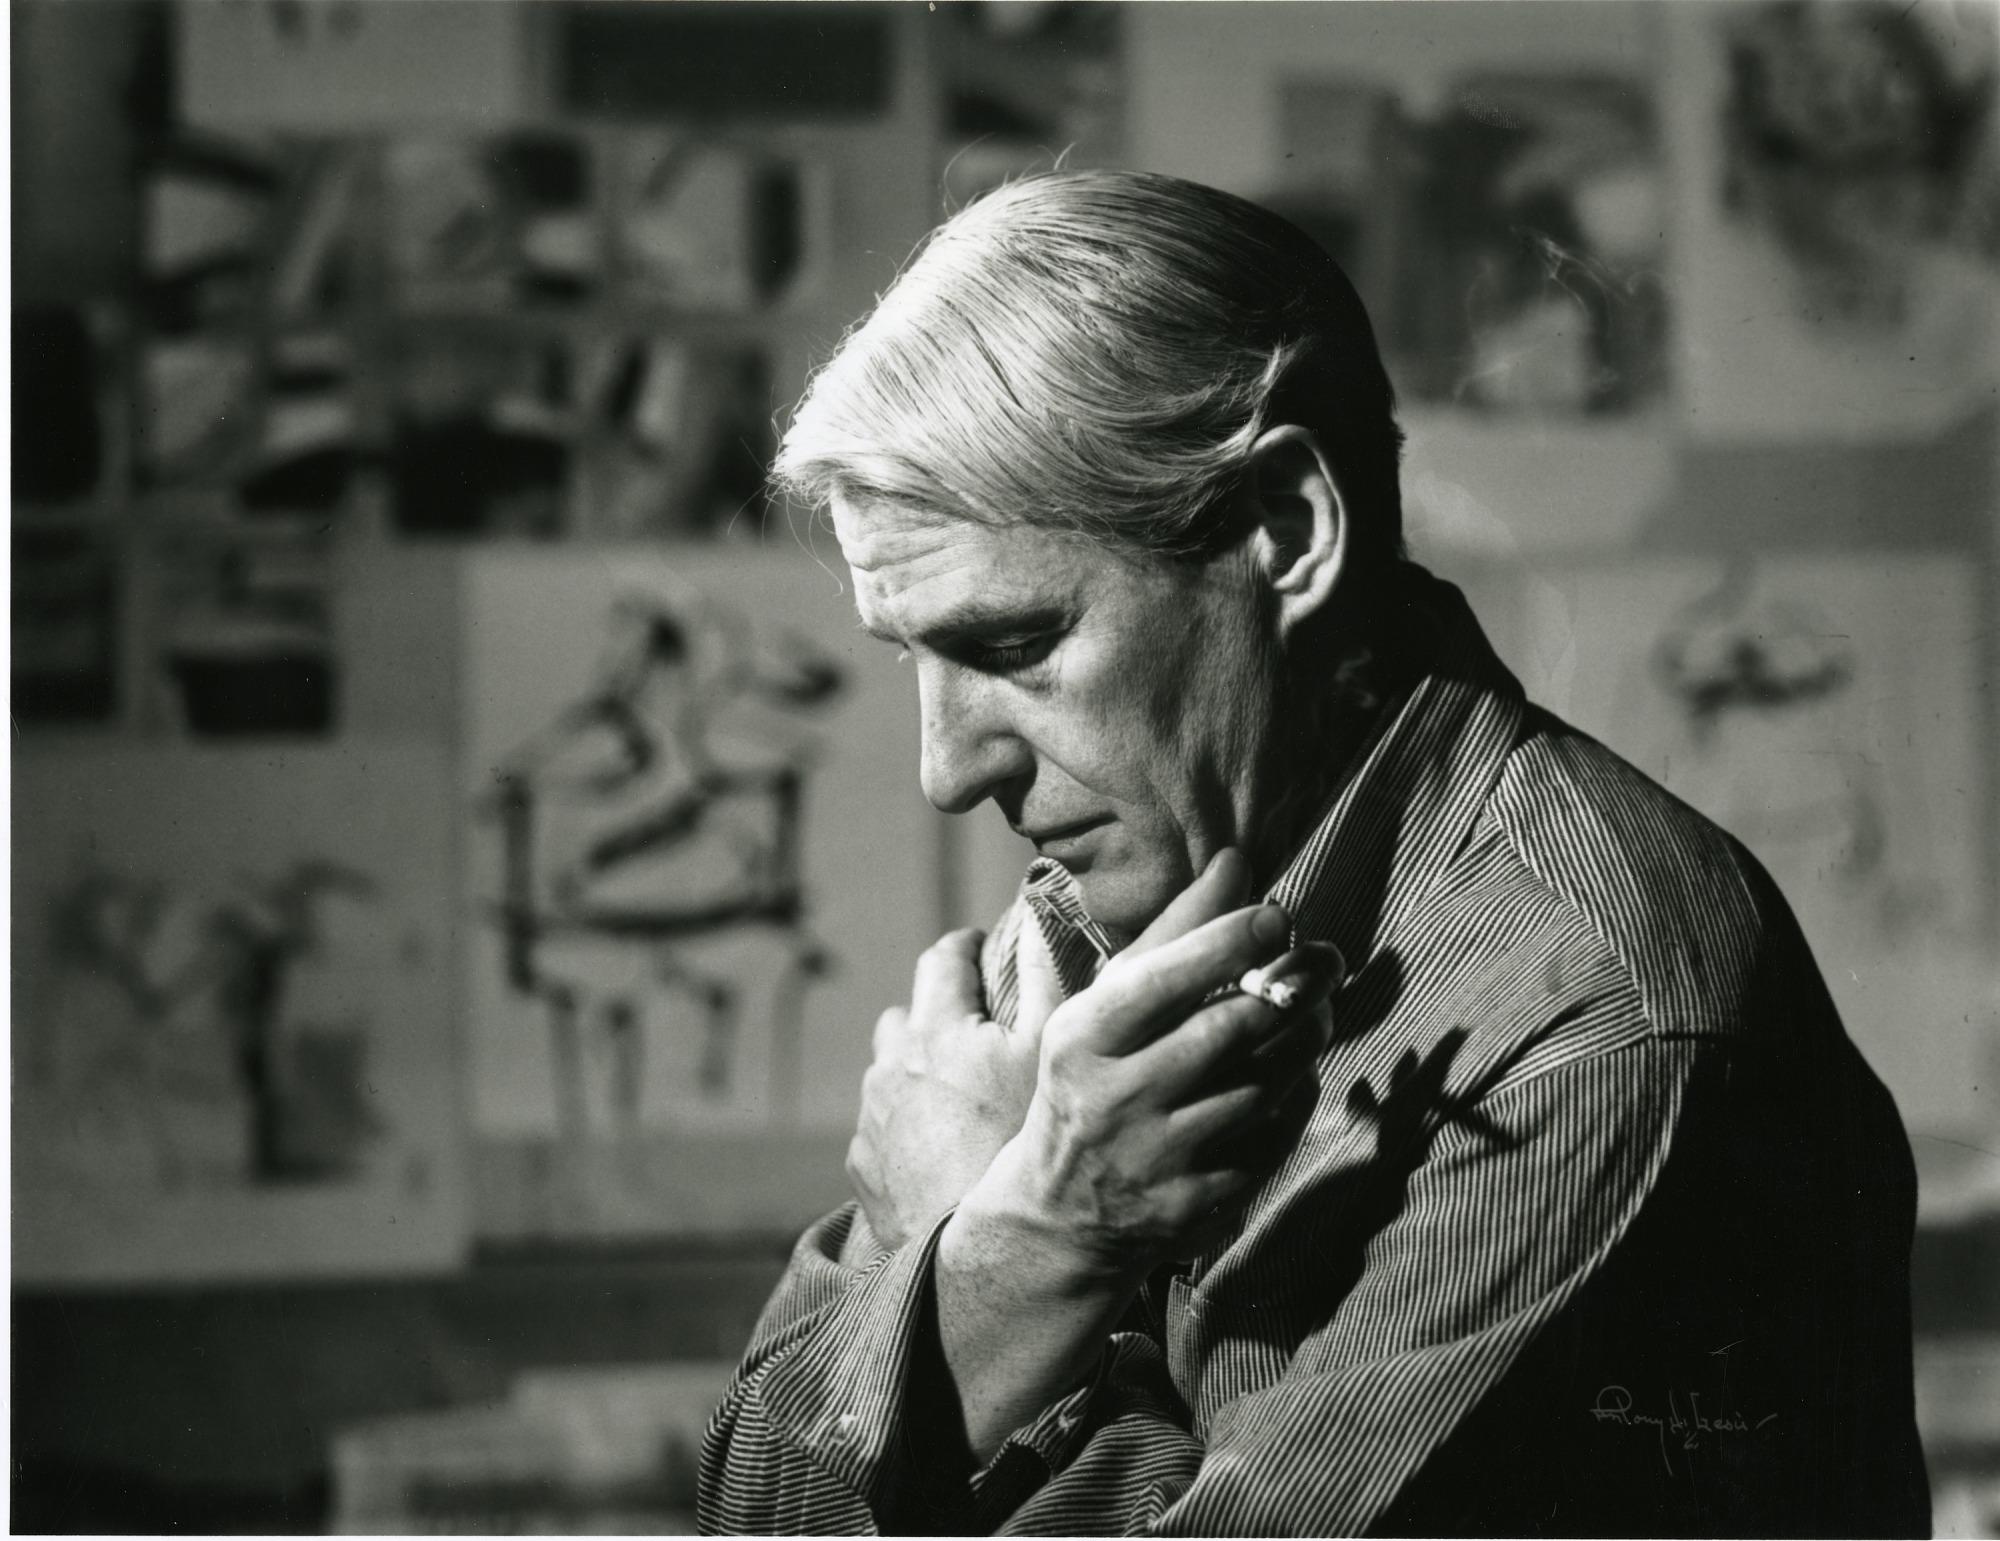 Willem de Kooning in His Studio